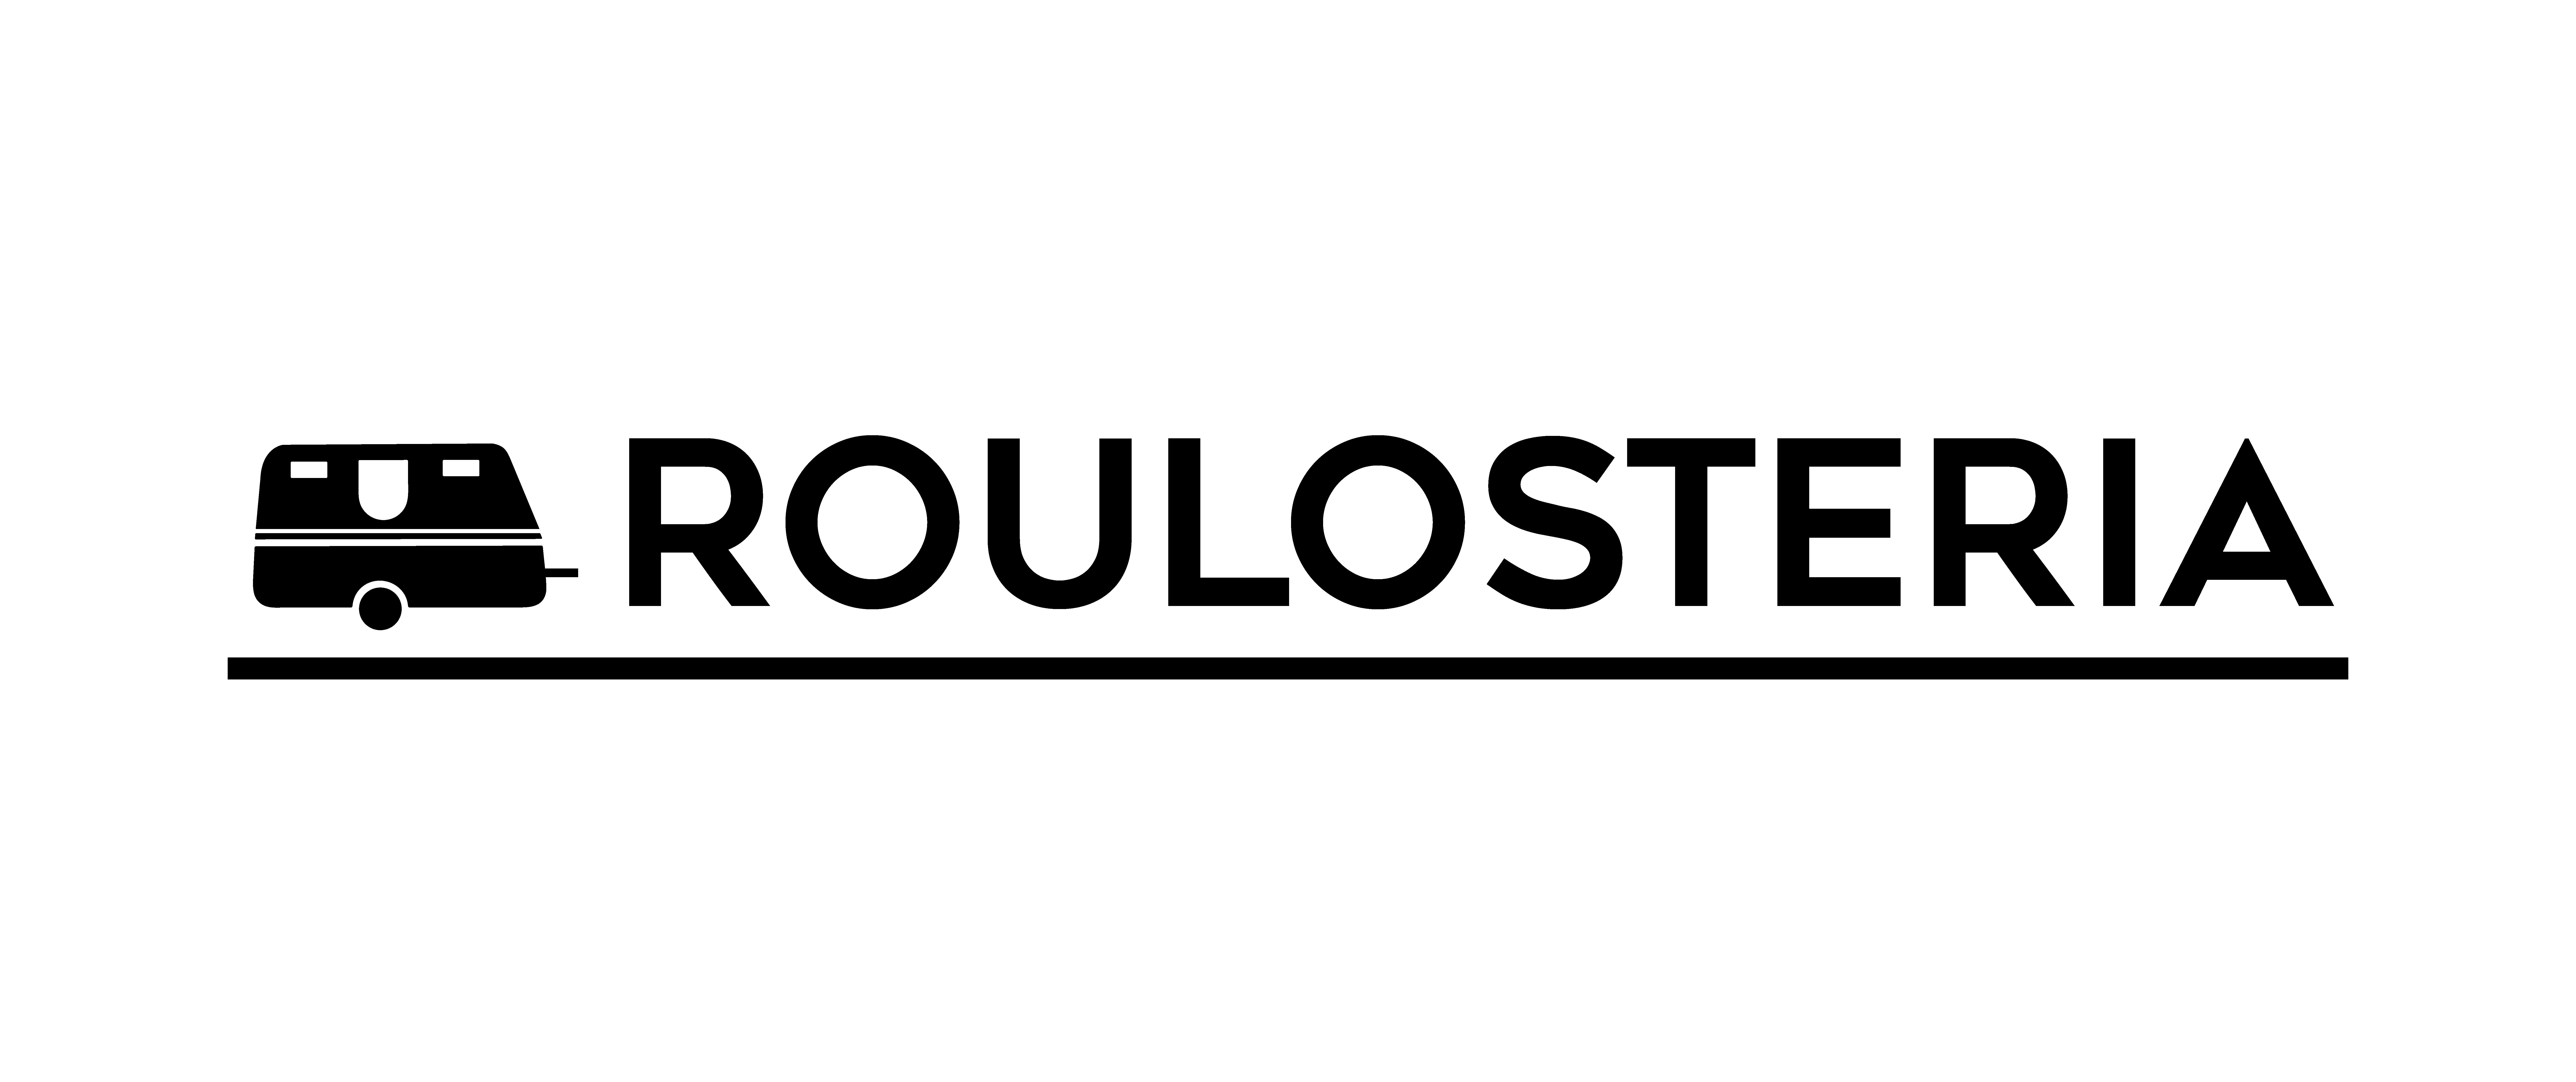 Roulosteria